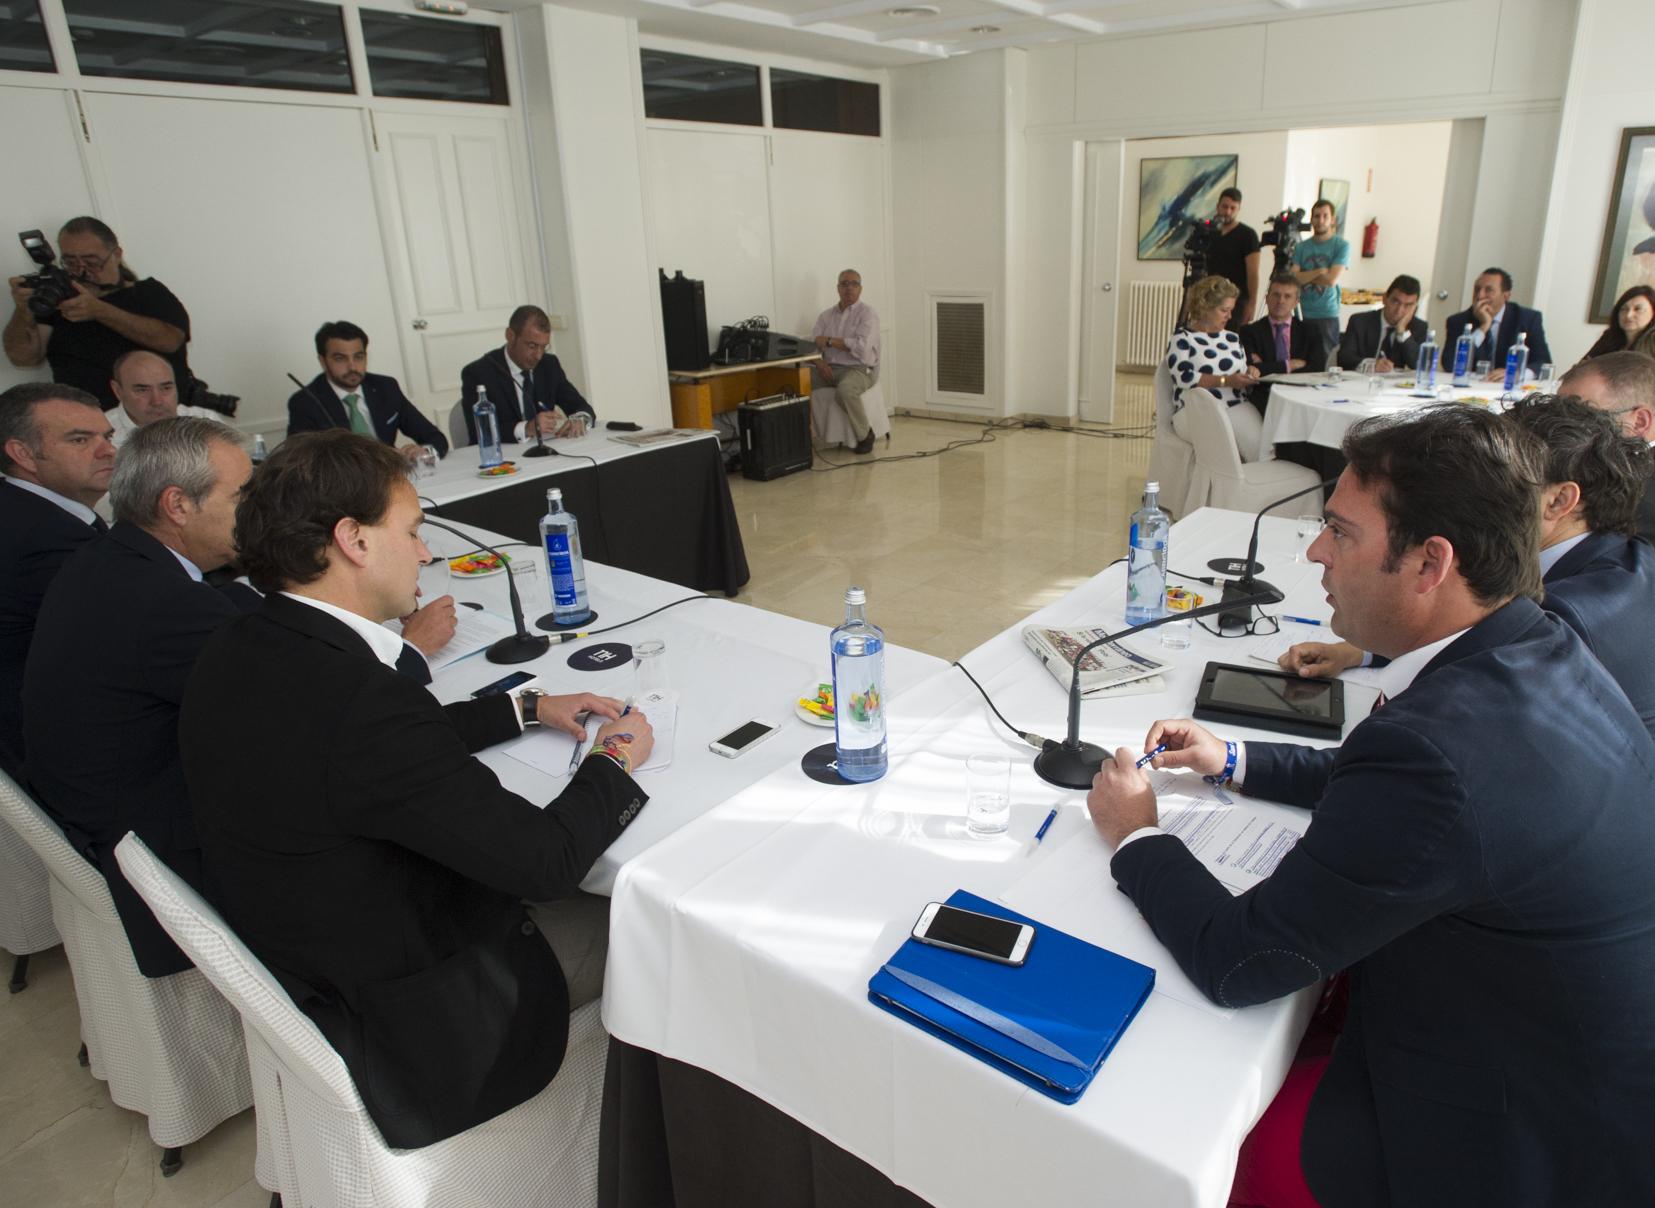 La Diputación prepara el Plan Estratégico del Turismo Provincial 2016-2020 en el que incluye el turismo gastronómico